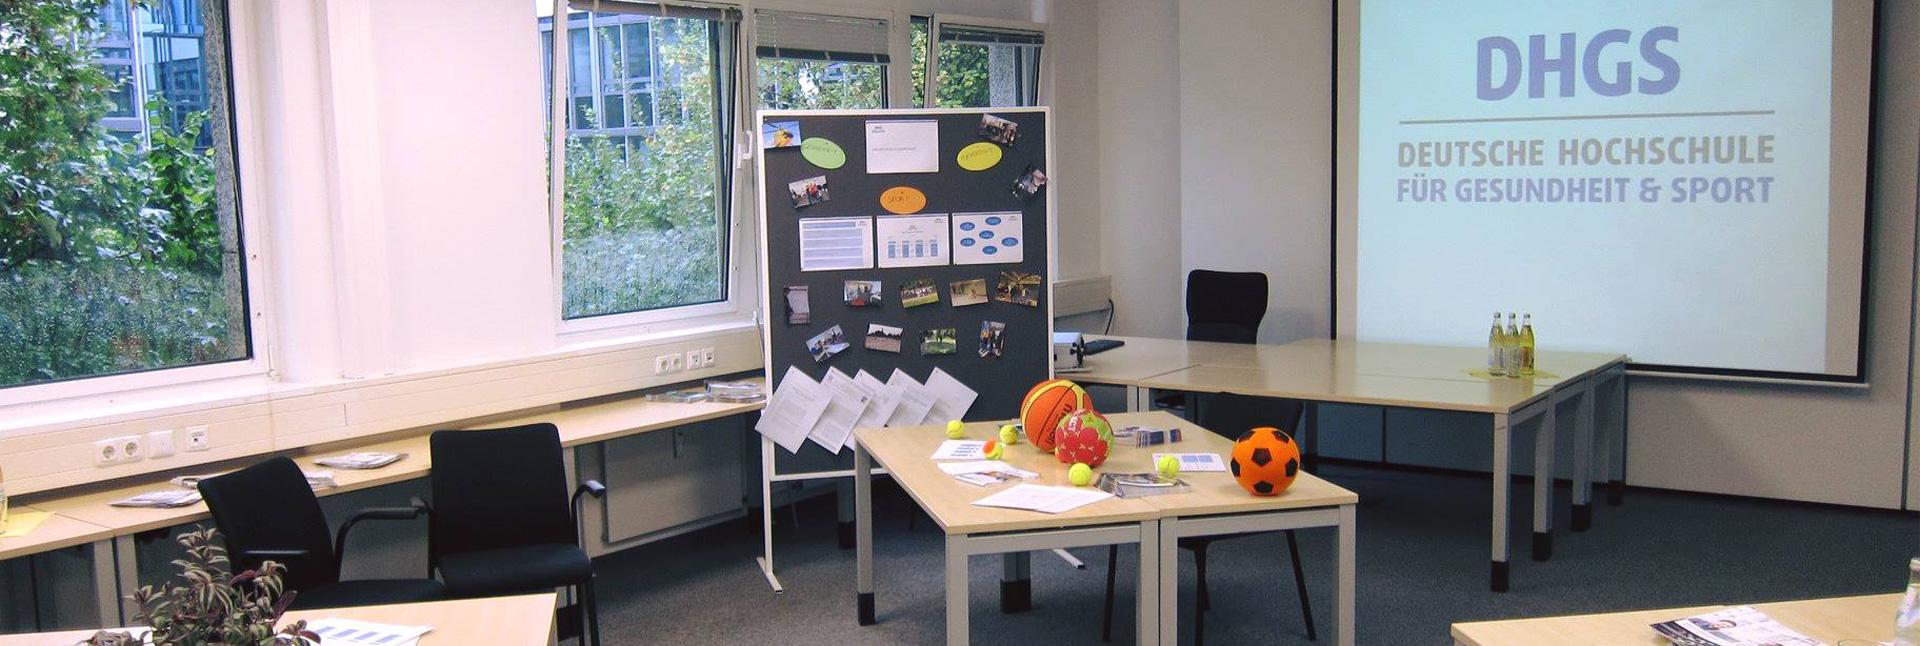 Eine Filzpinnwand, Moderationskarten, ein Beamer und Bälle verschiedener Größen liegen zur Lernunterstützung der Studenten bereit.